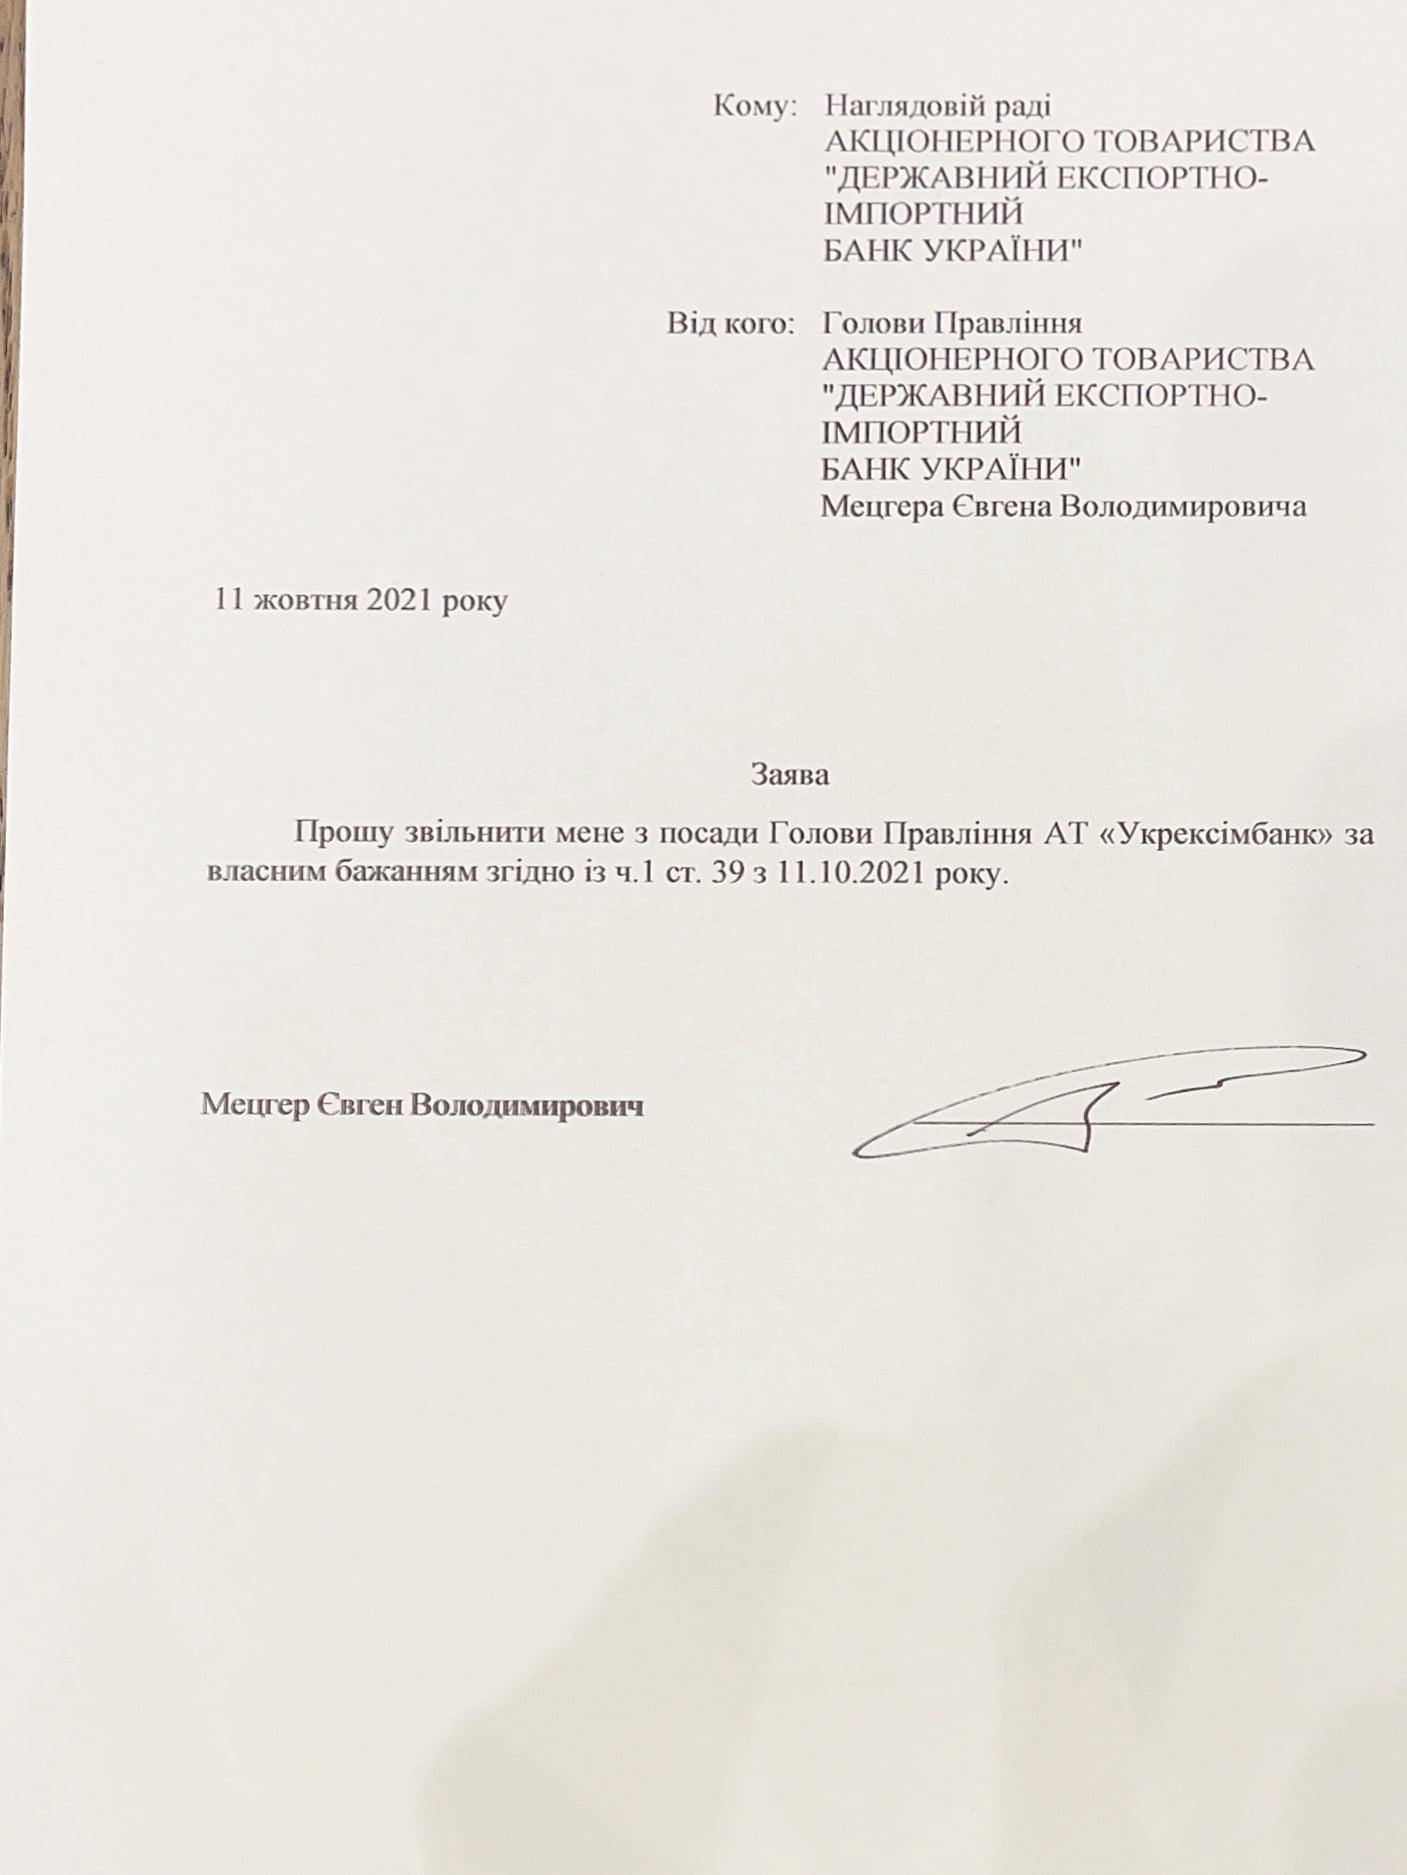 Мецгер уволен с должности главы Укрэксимбанка